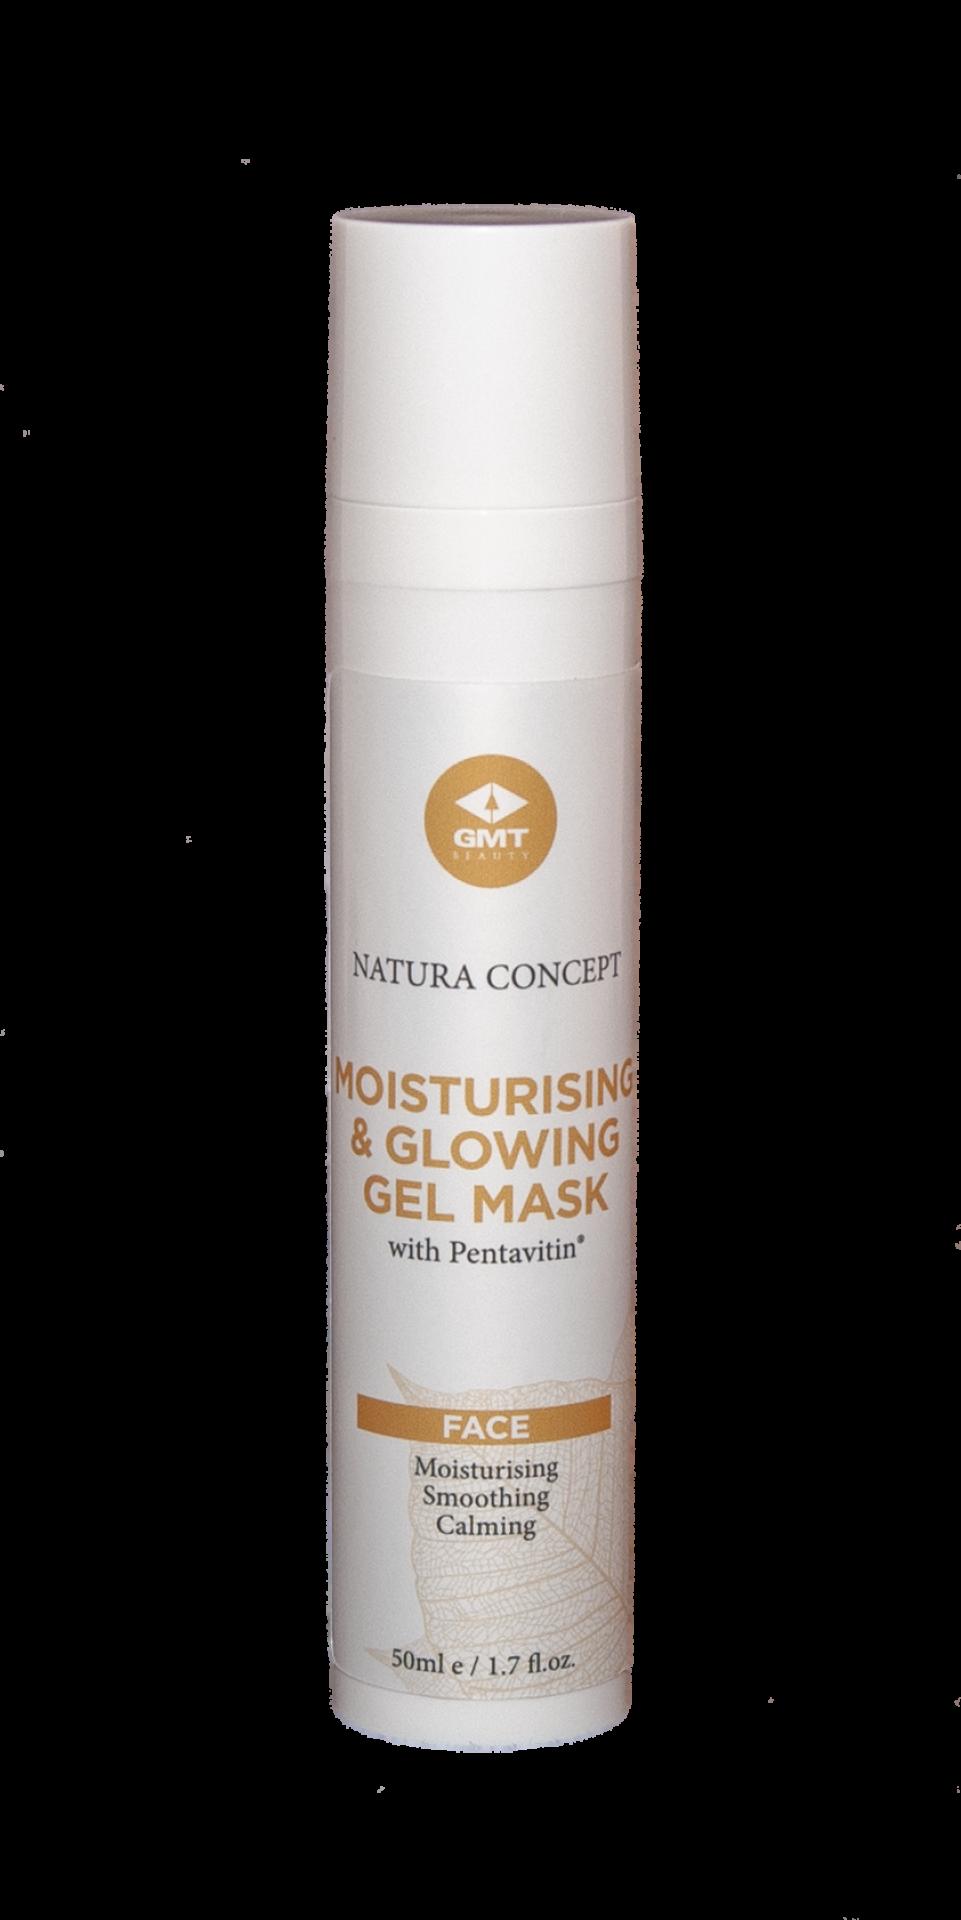 Masque gel hydratant et brillant